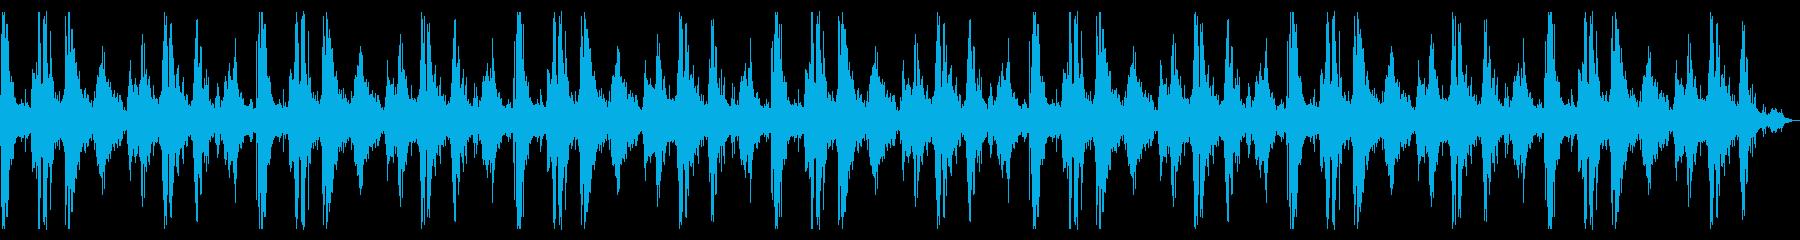 ヘビーランニングオンサンド、ループドの再生済みの波形